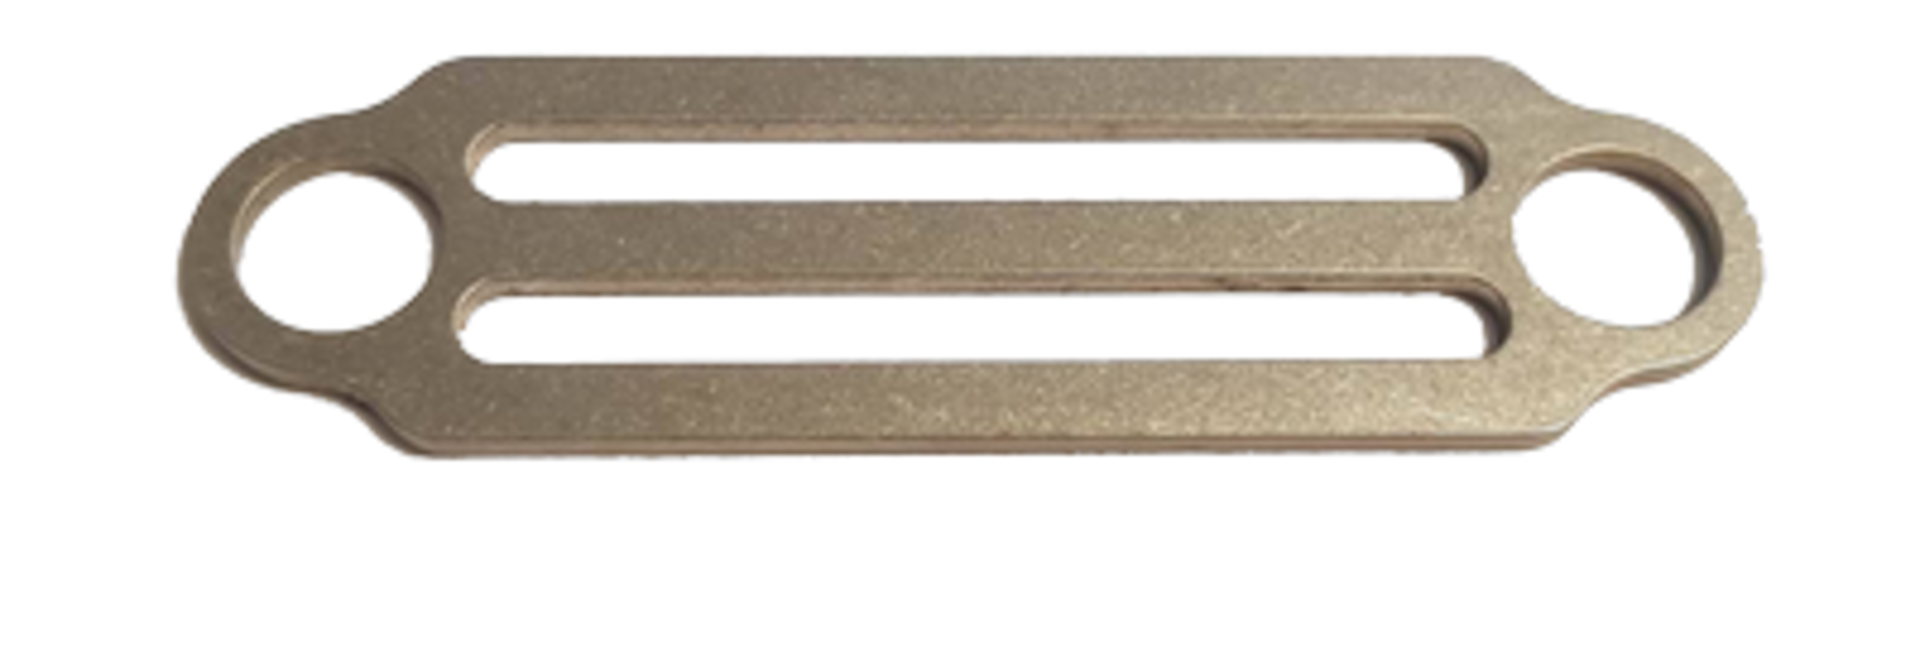 Sidemount Bungee tri-glide 2 ogen